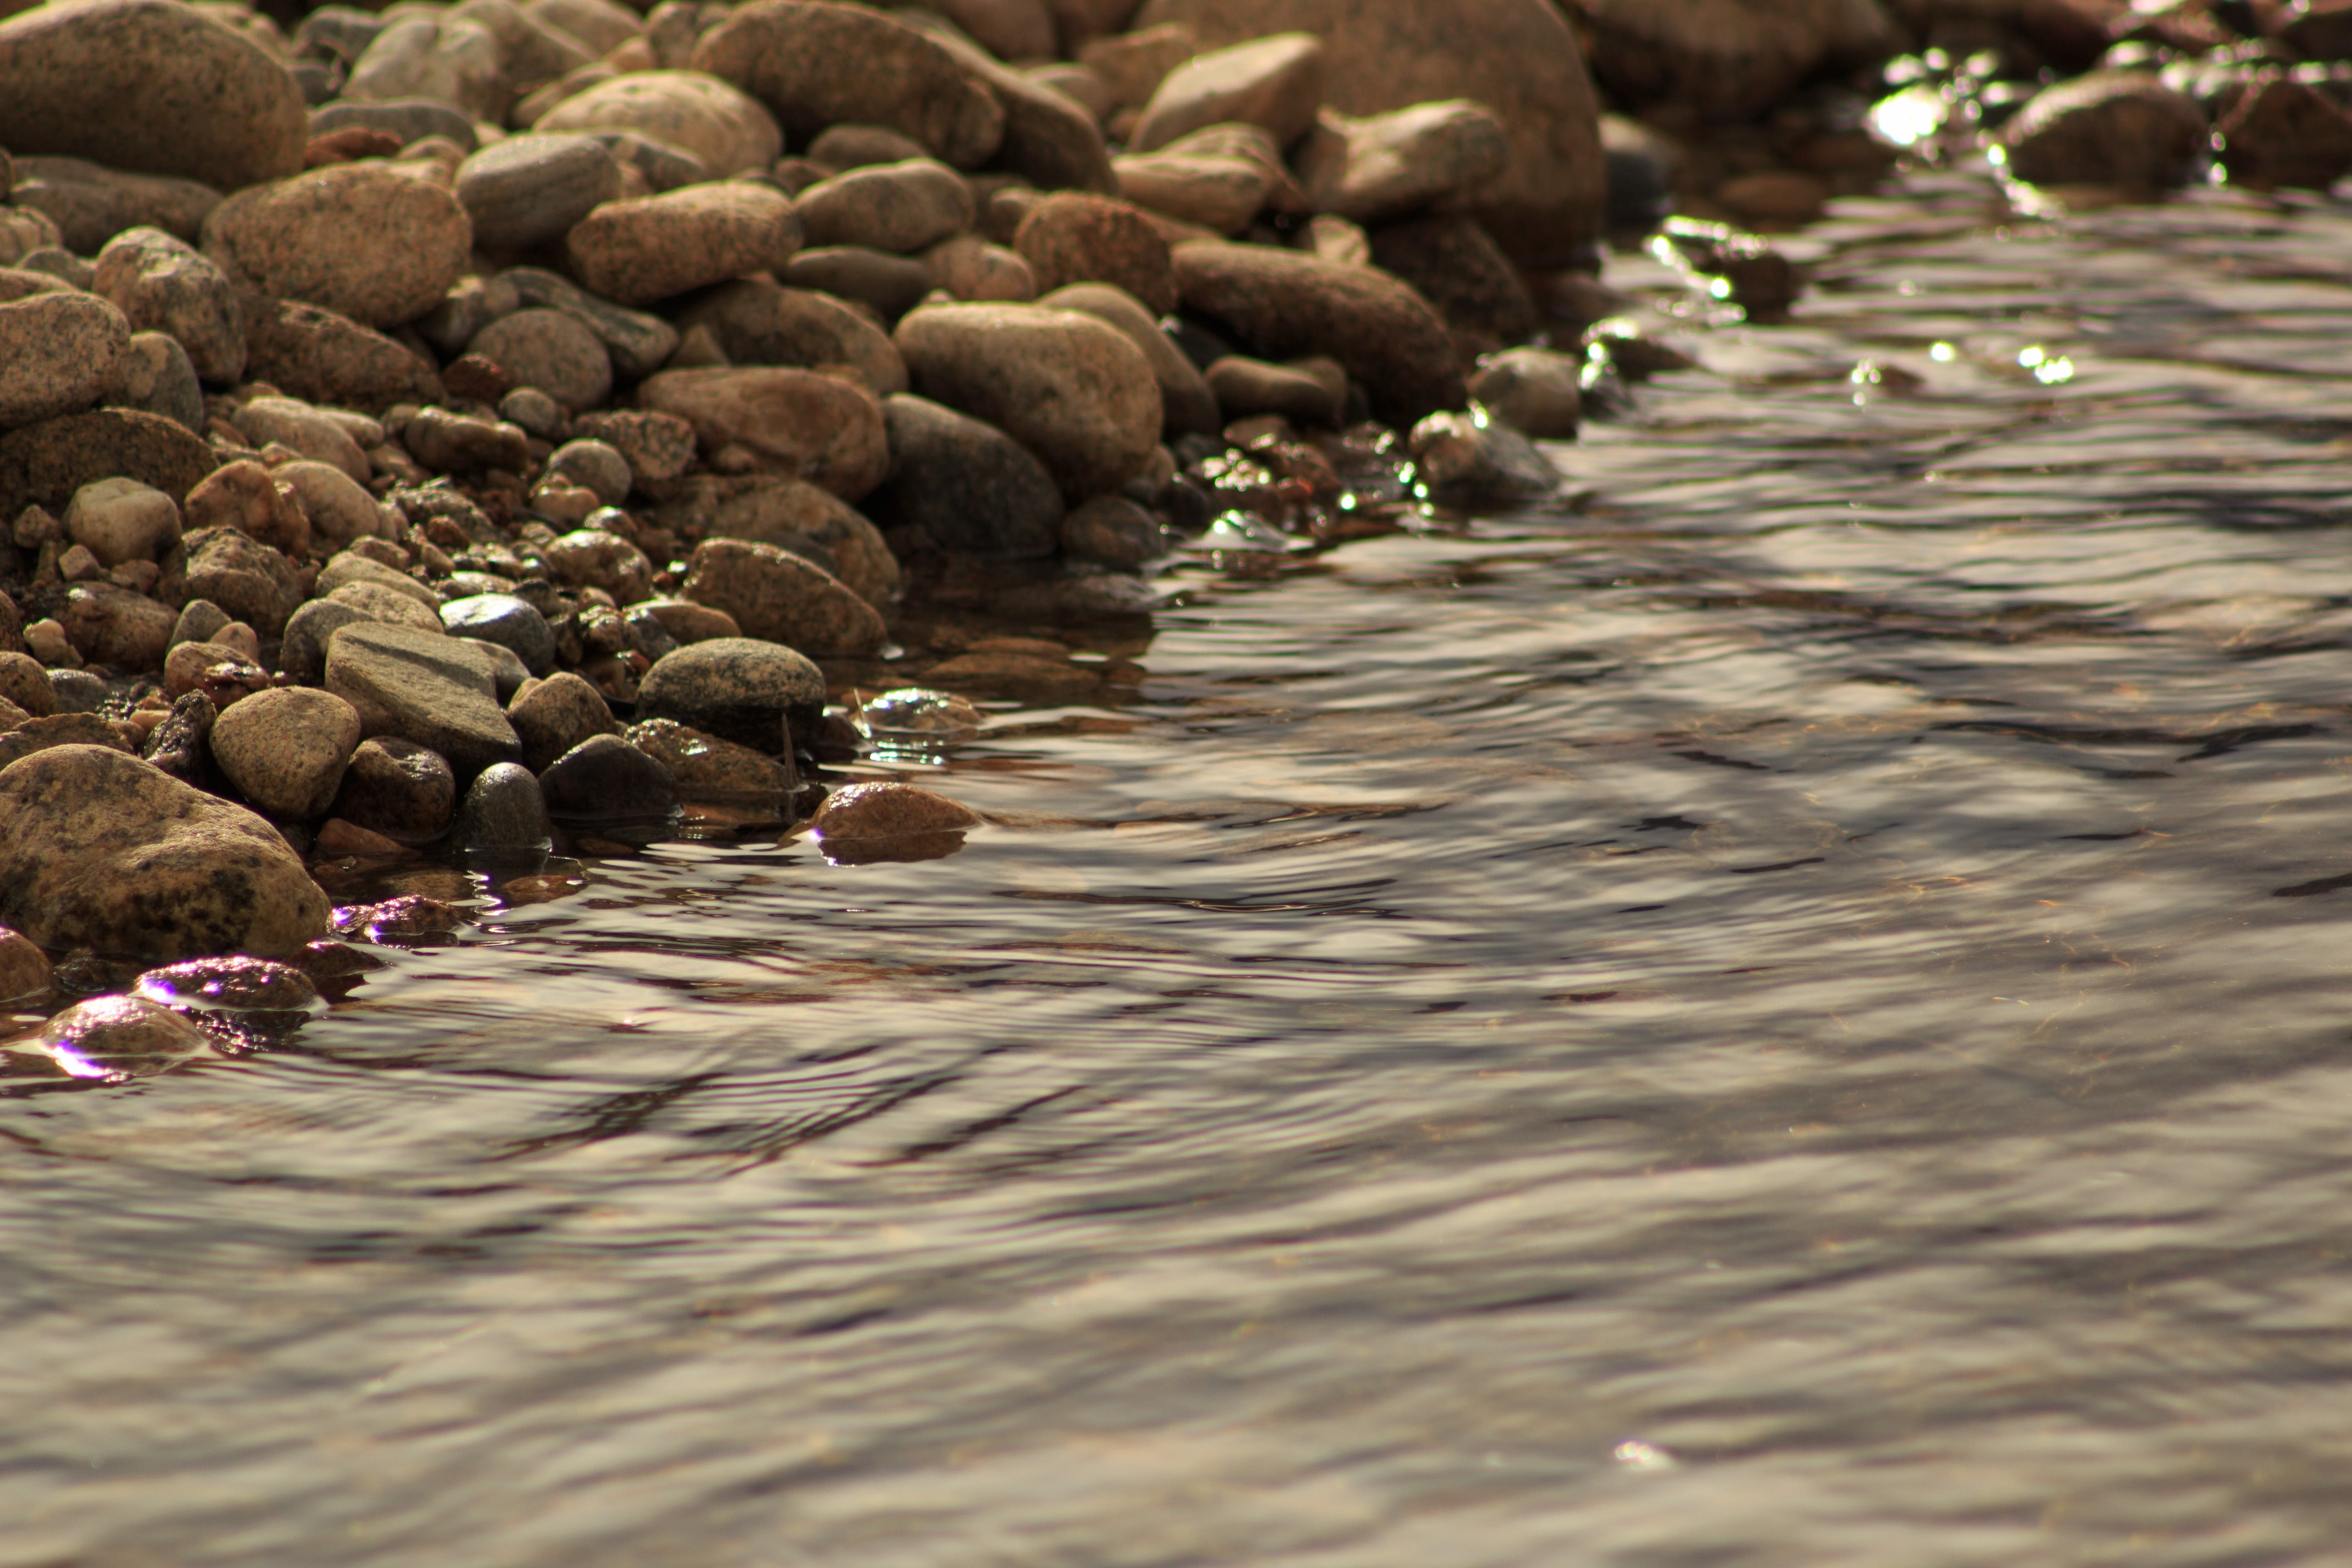 Free stock photo of stream, water